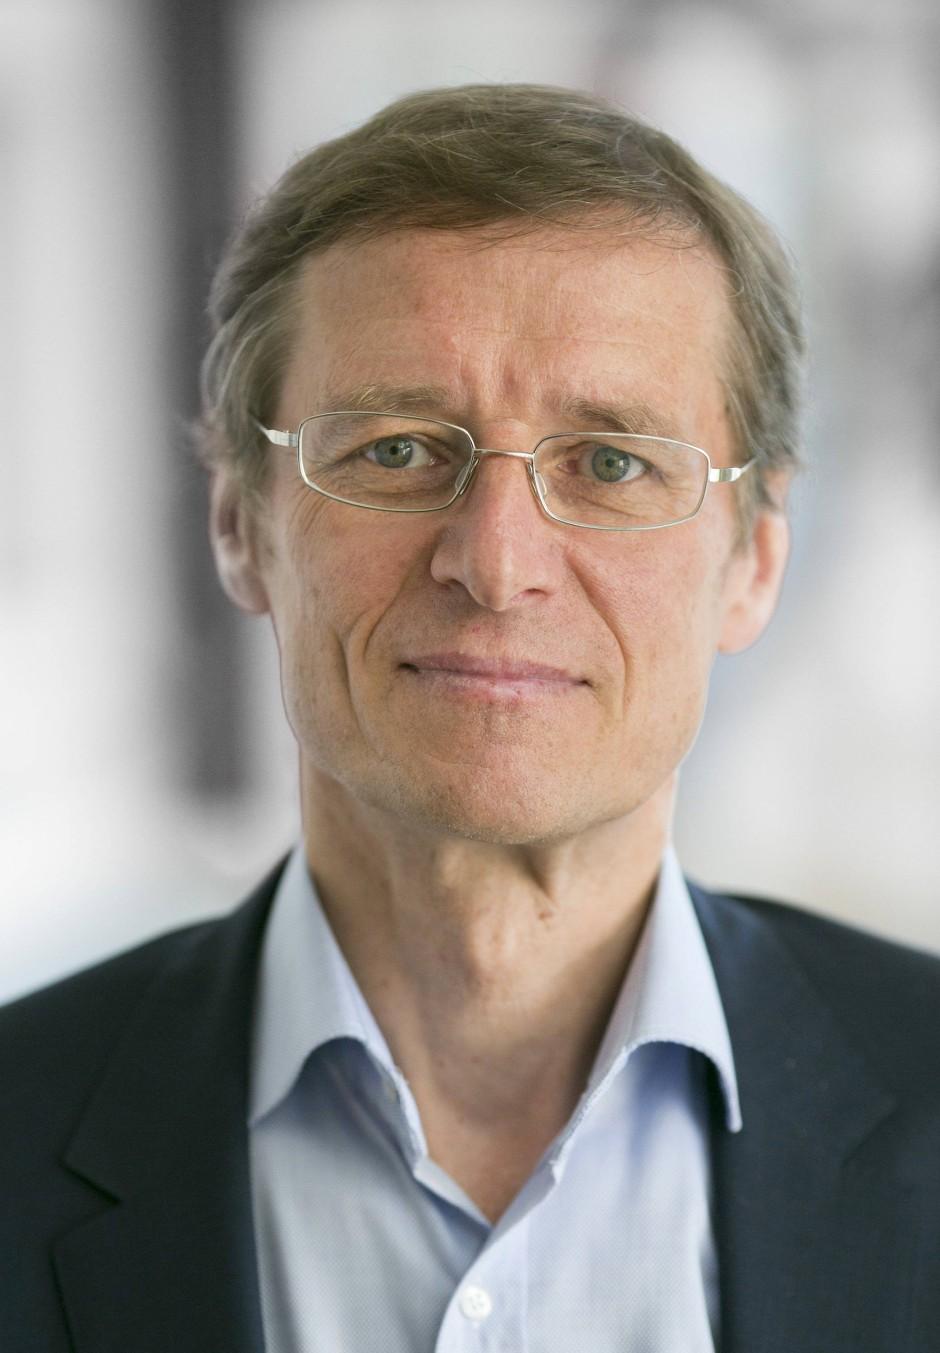 Klärt auf: Ulrich Hegerl ist Direktor der Klinik und Poliklinik für Psychiatrie und Psychotherapie am Universitätsklinikum Leipzig und Vorsitzender der Stiftung Deutsche Depressionshilfe